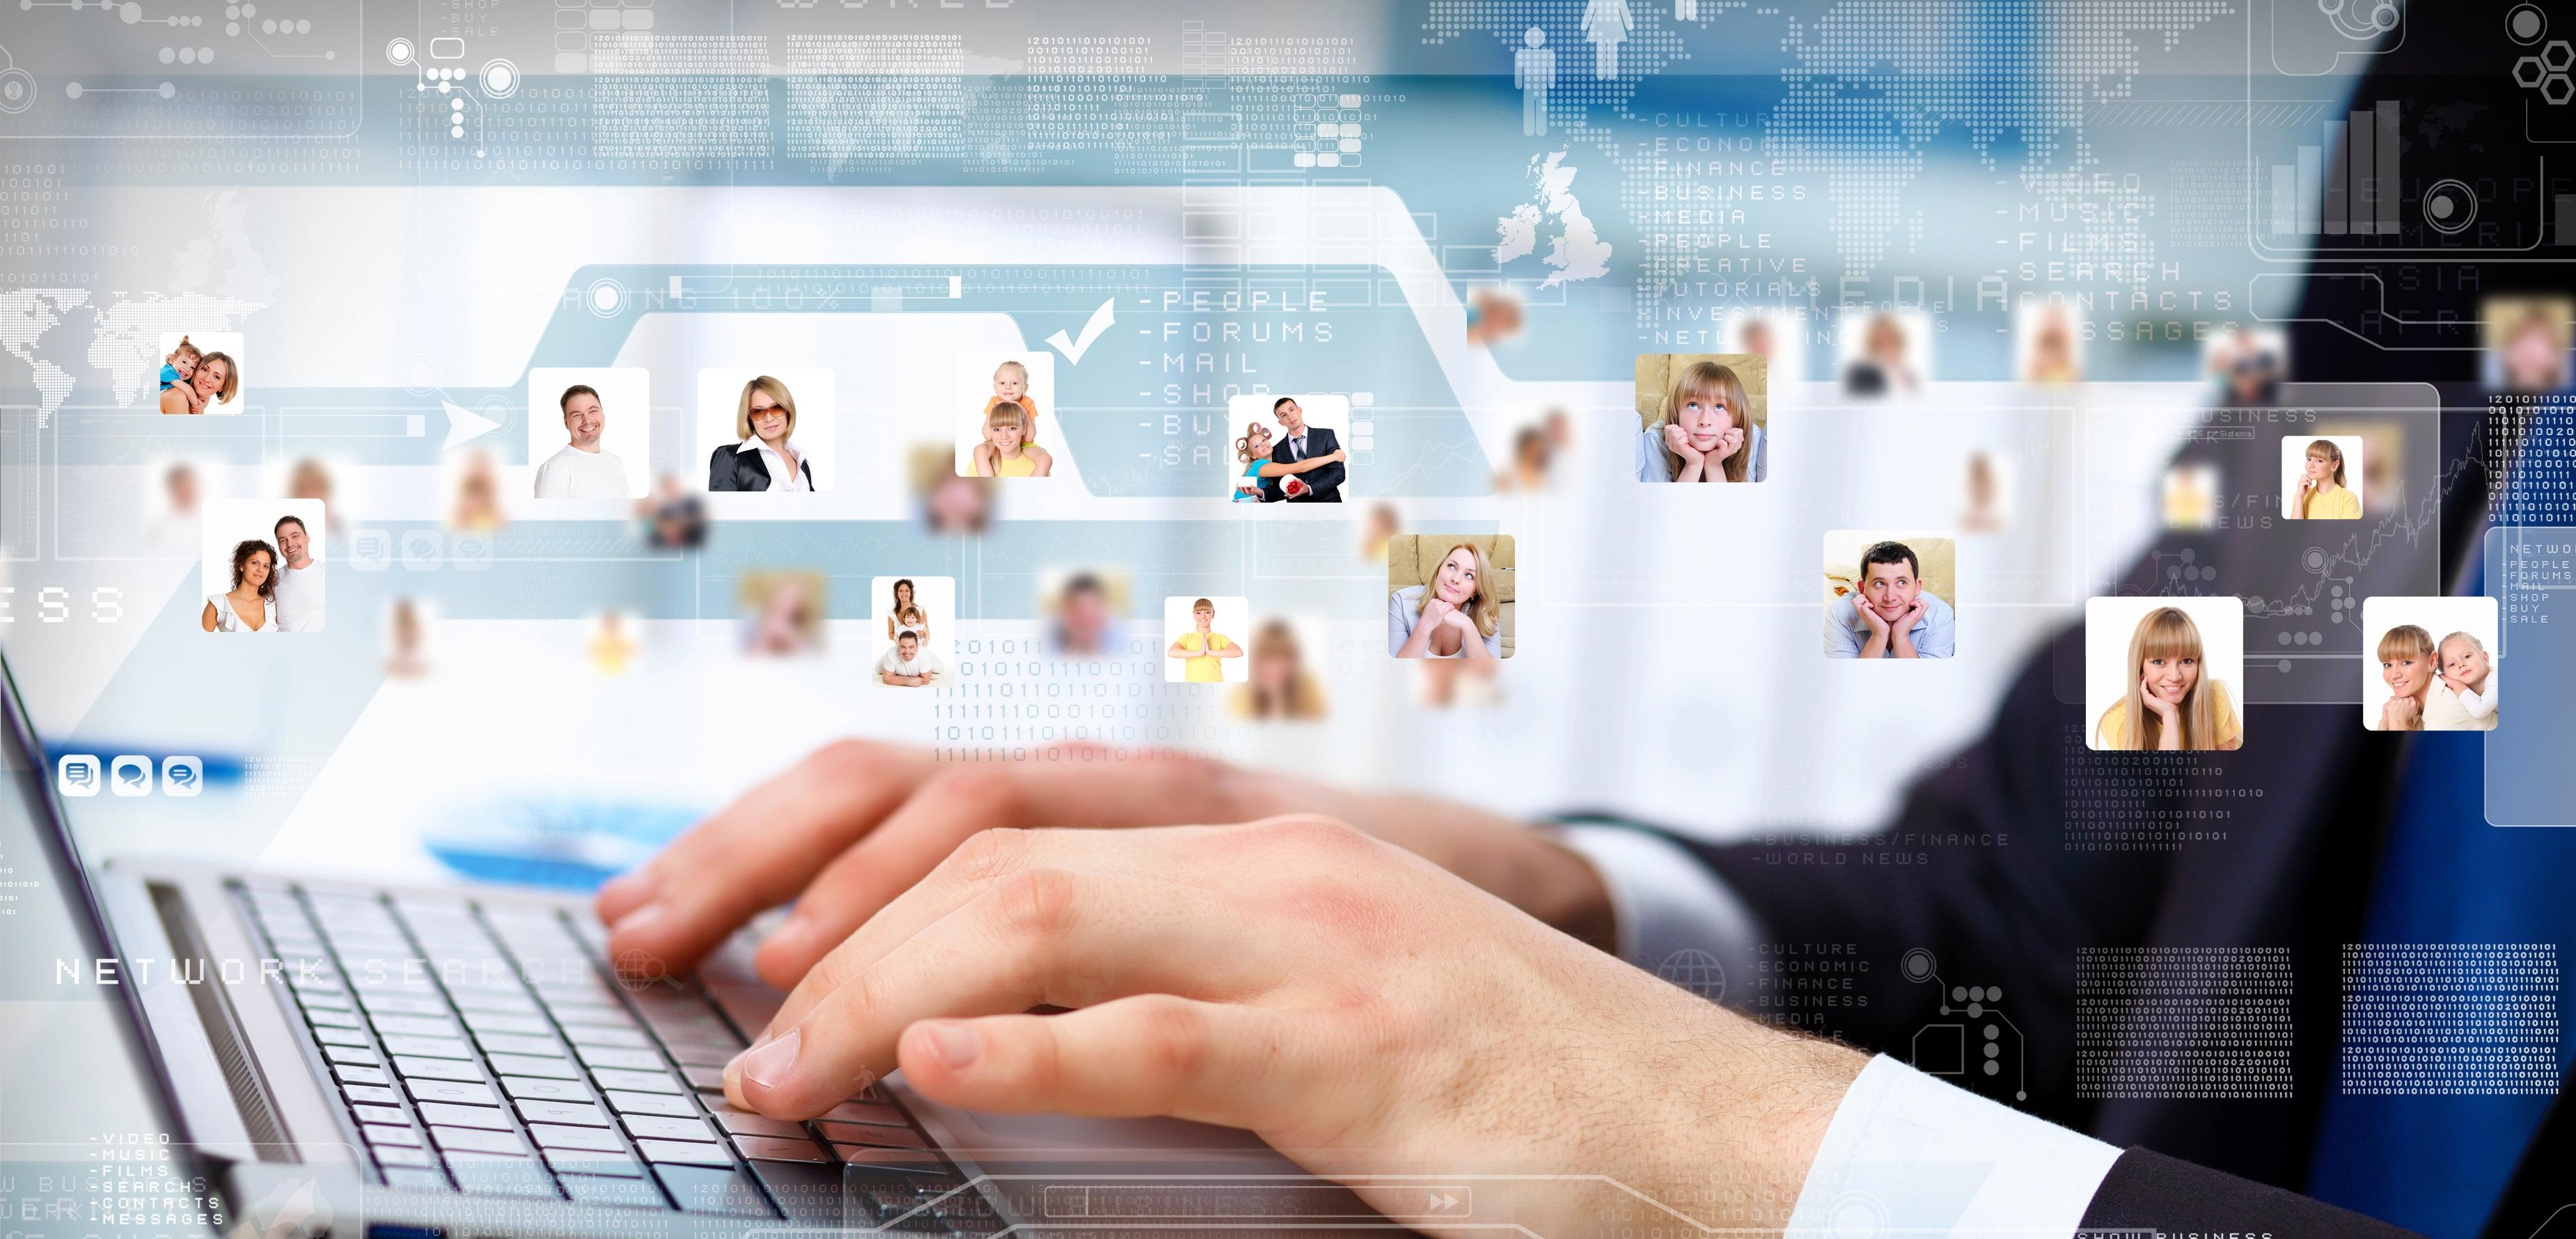 Adoção da tecnologia 5G - Comunicação - internet - acesso à informação